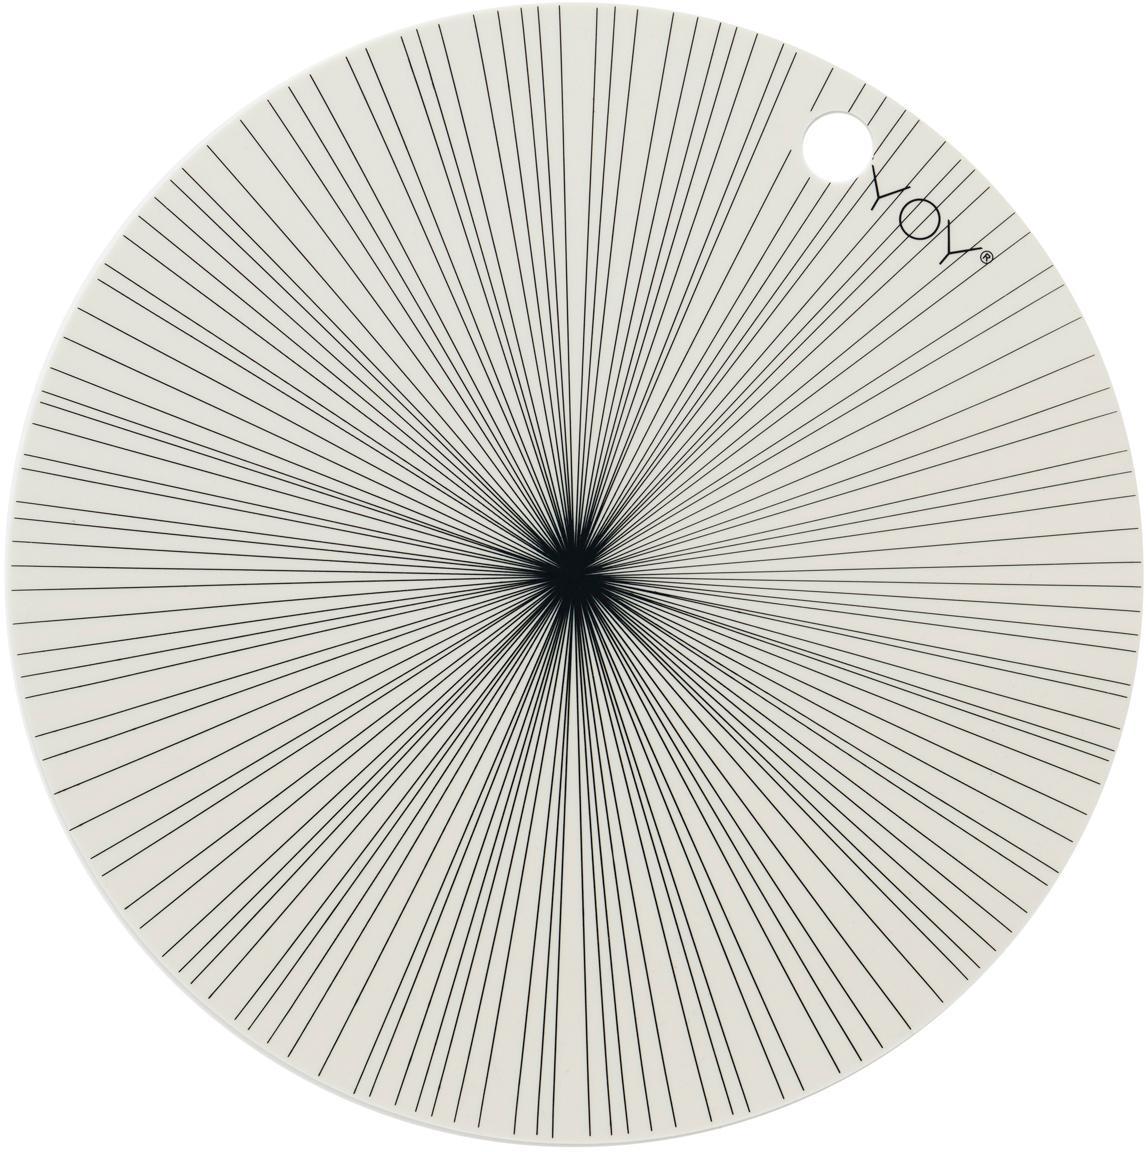 Tovaglietta americana rotonda Ray 2 pz, Silicone, Bianco, nero, Ø 39 cm